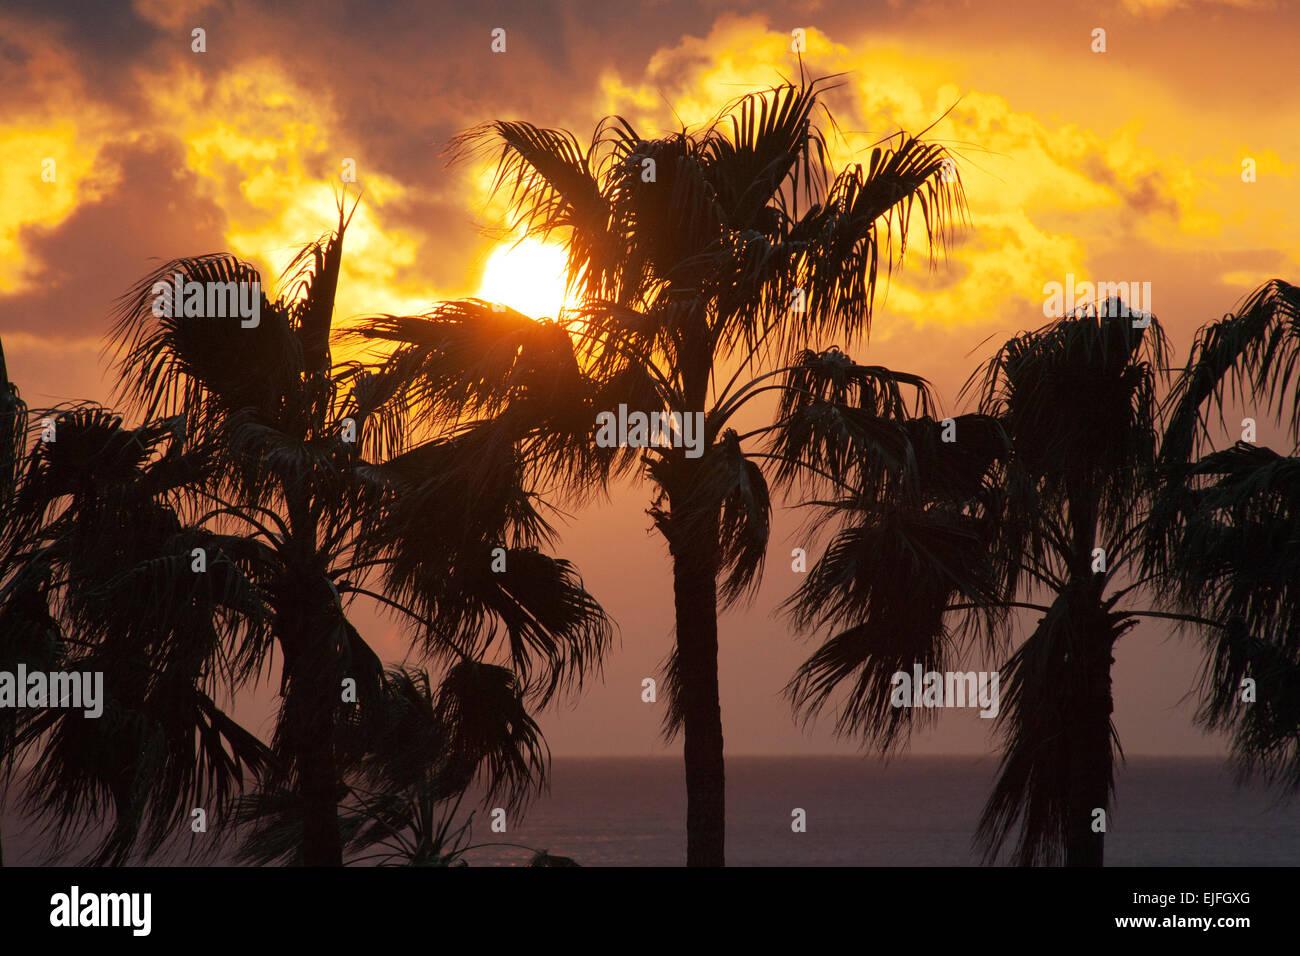 Sunset over palm trees, Satsuma Peninsula, Kyushu Island, Japan - Stock Image